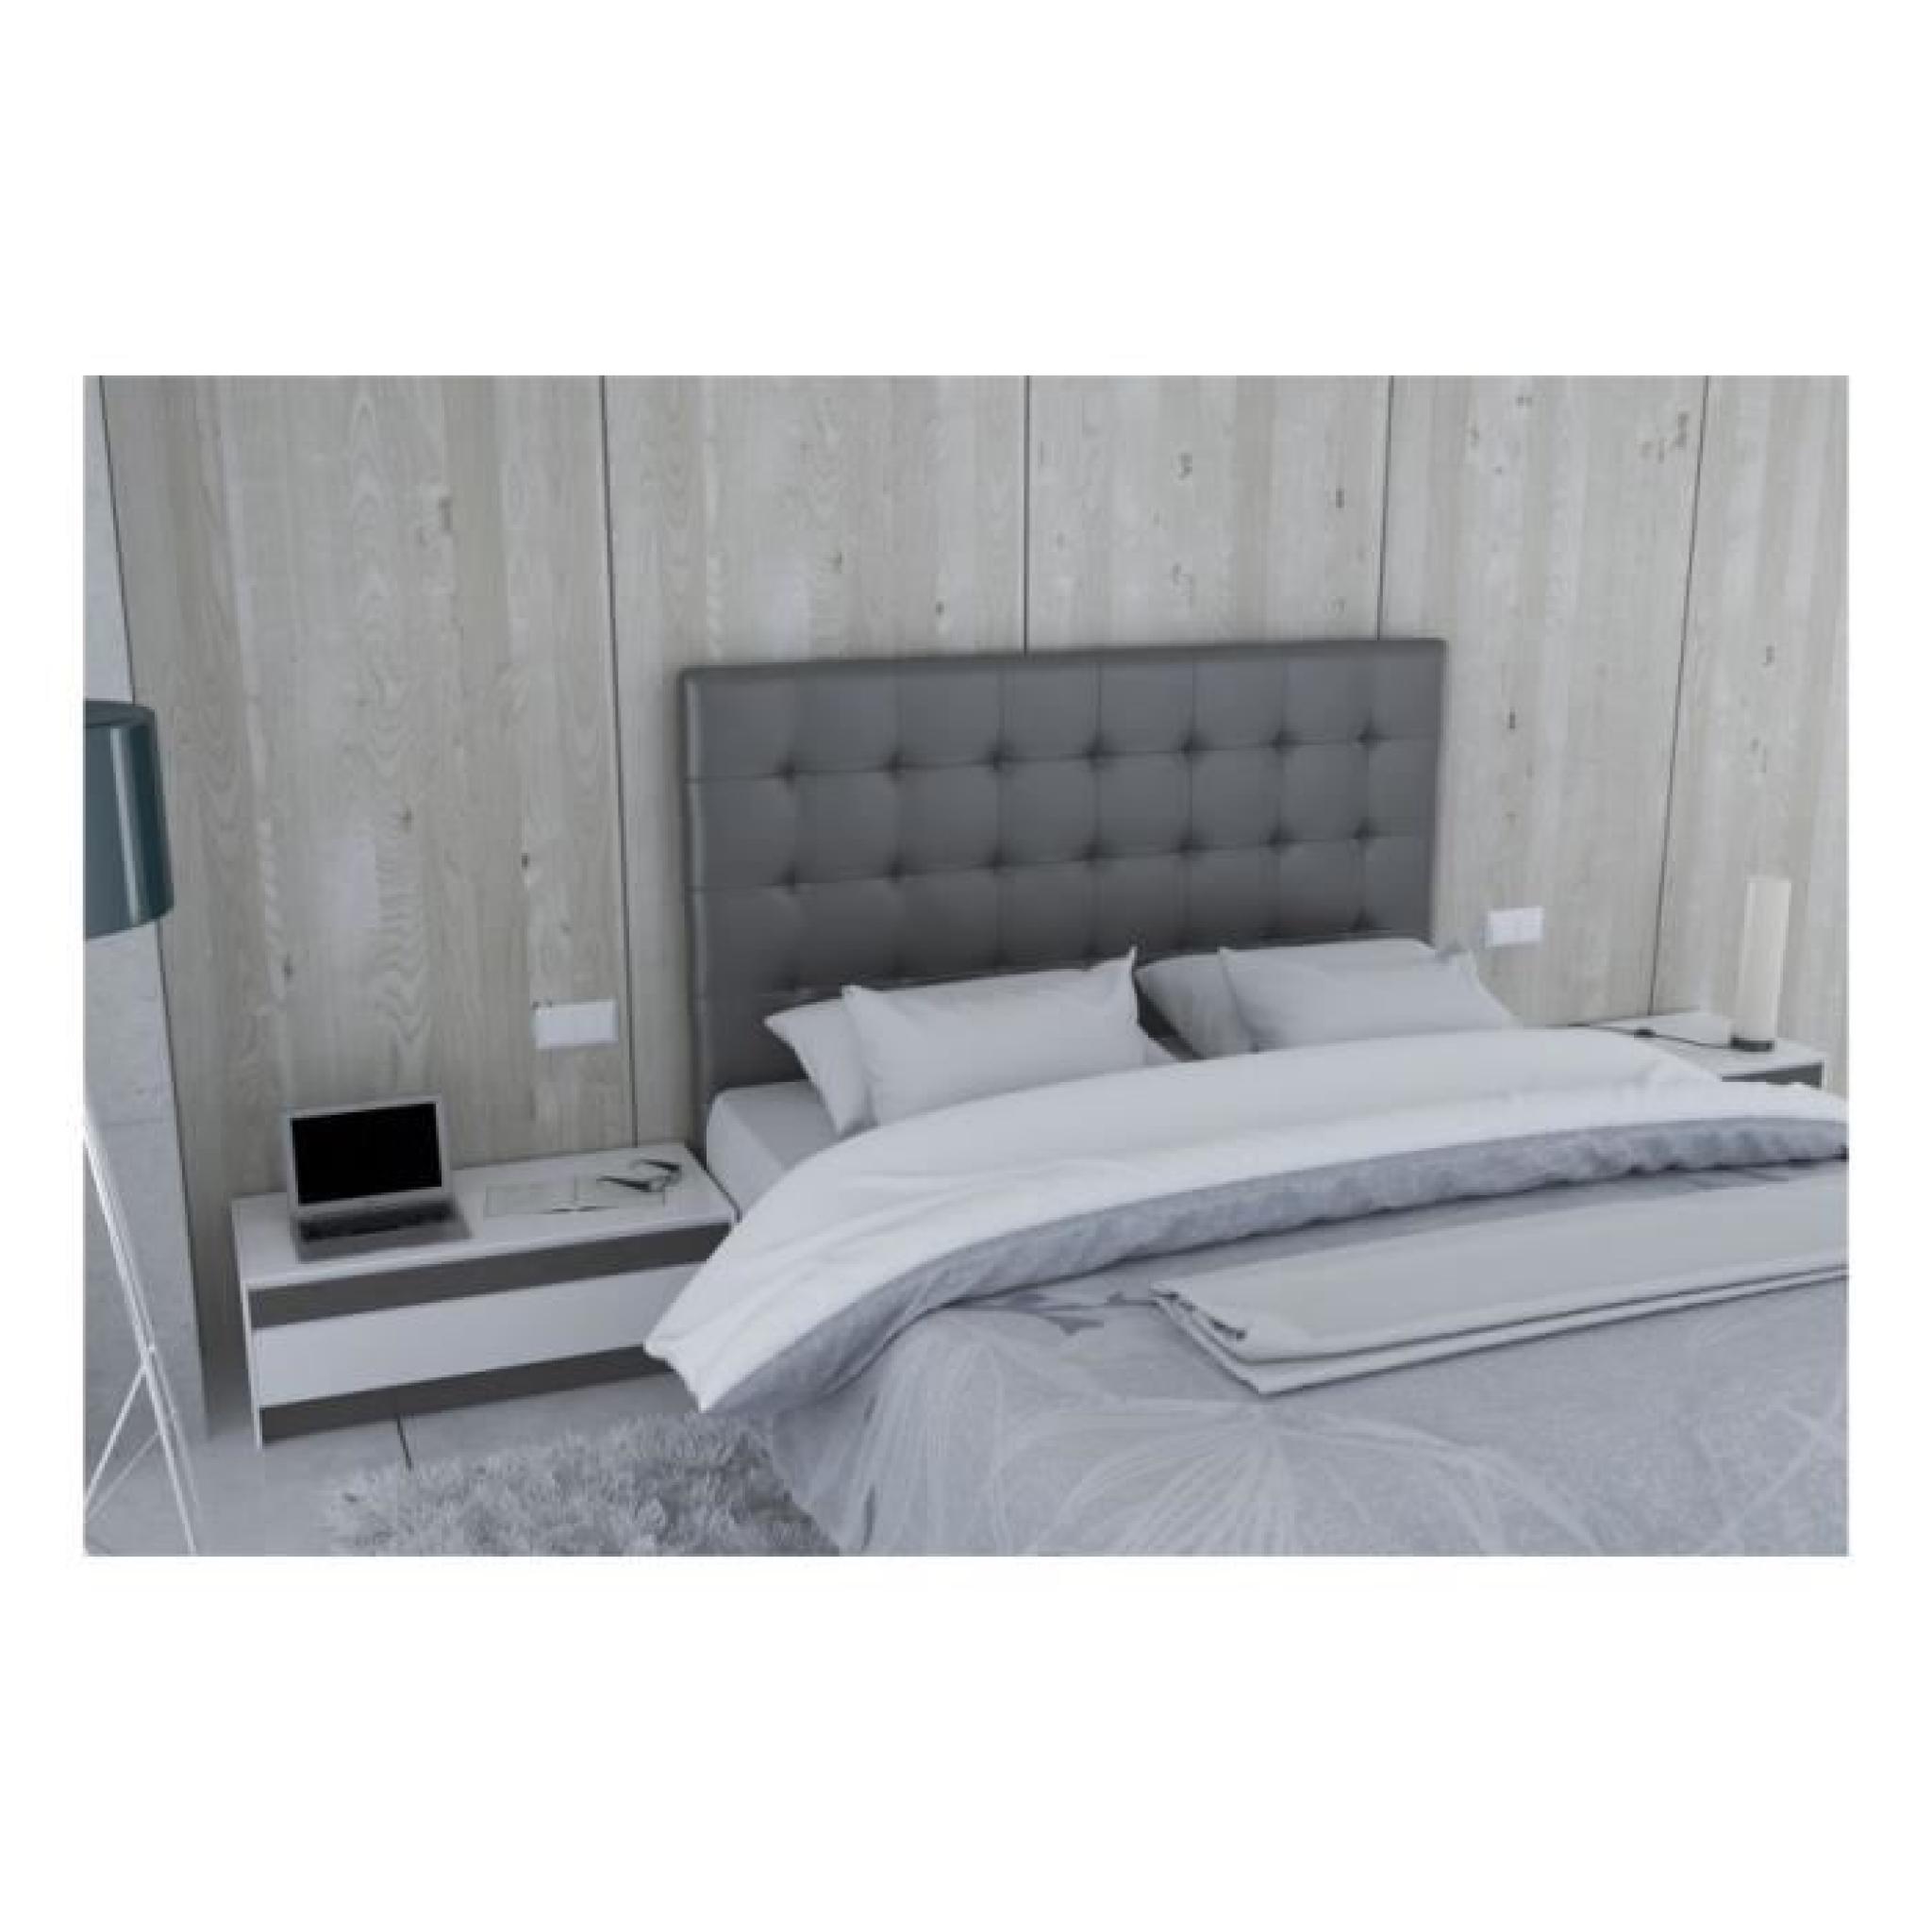 9e5e3a40332d85 Tête de lit en PU gris - Milan Taille - 180 cm - Achat Vente tete de ...